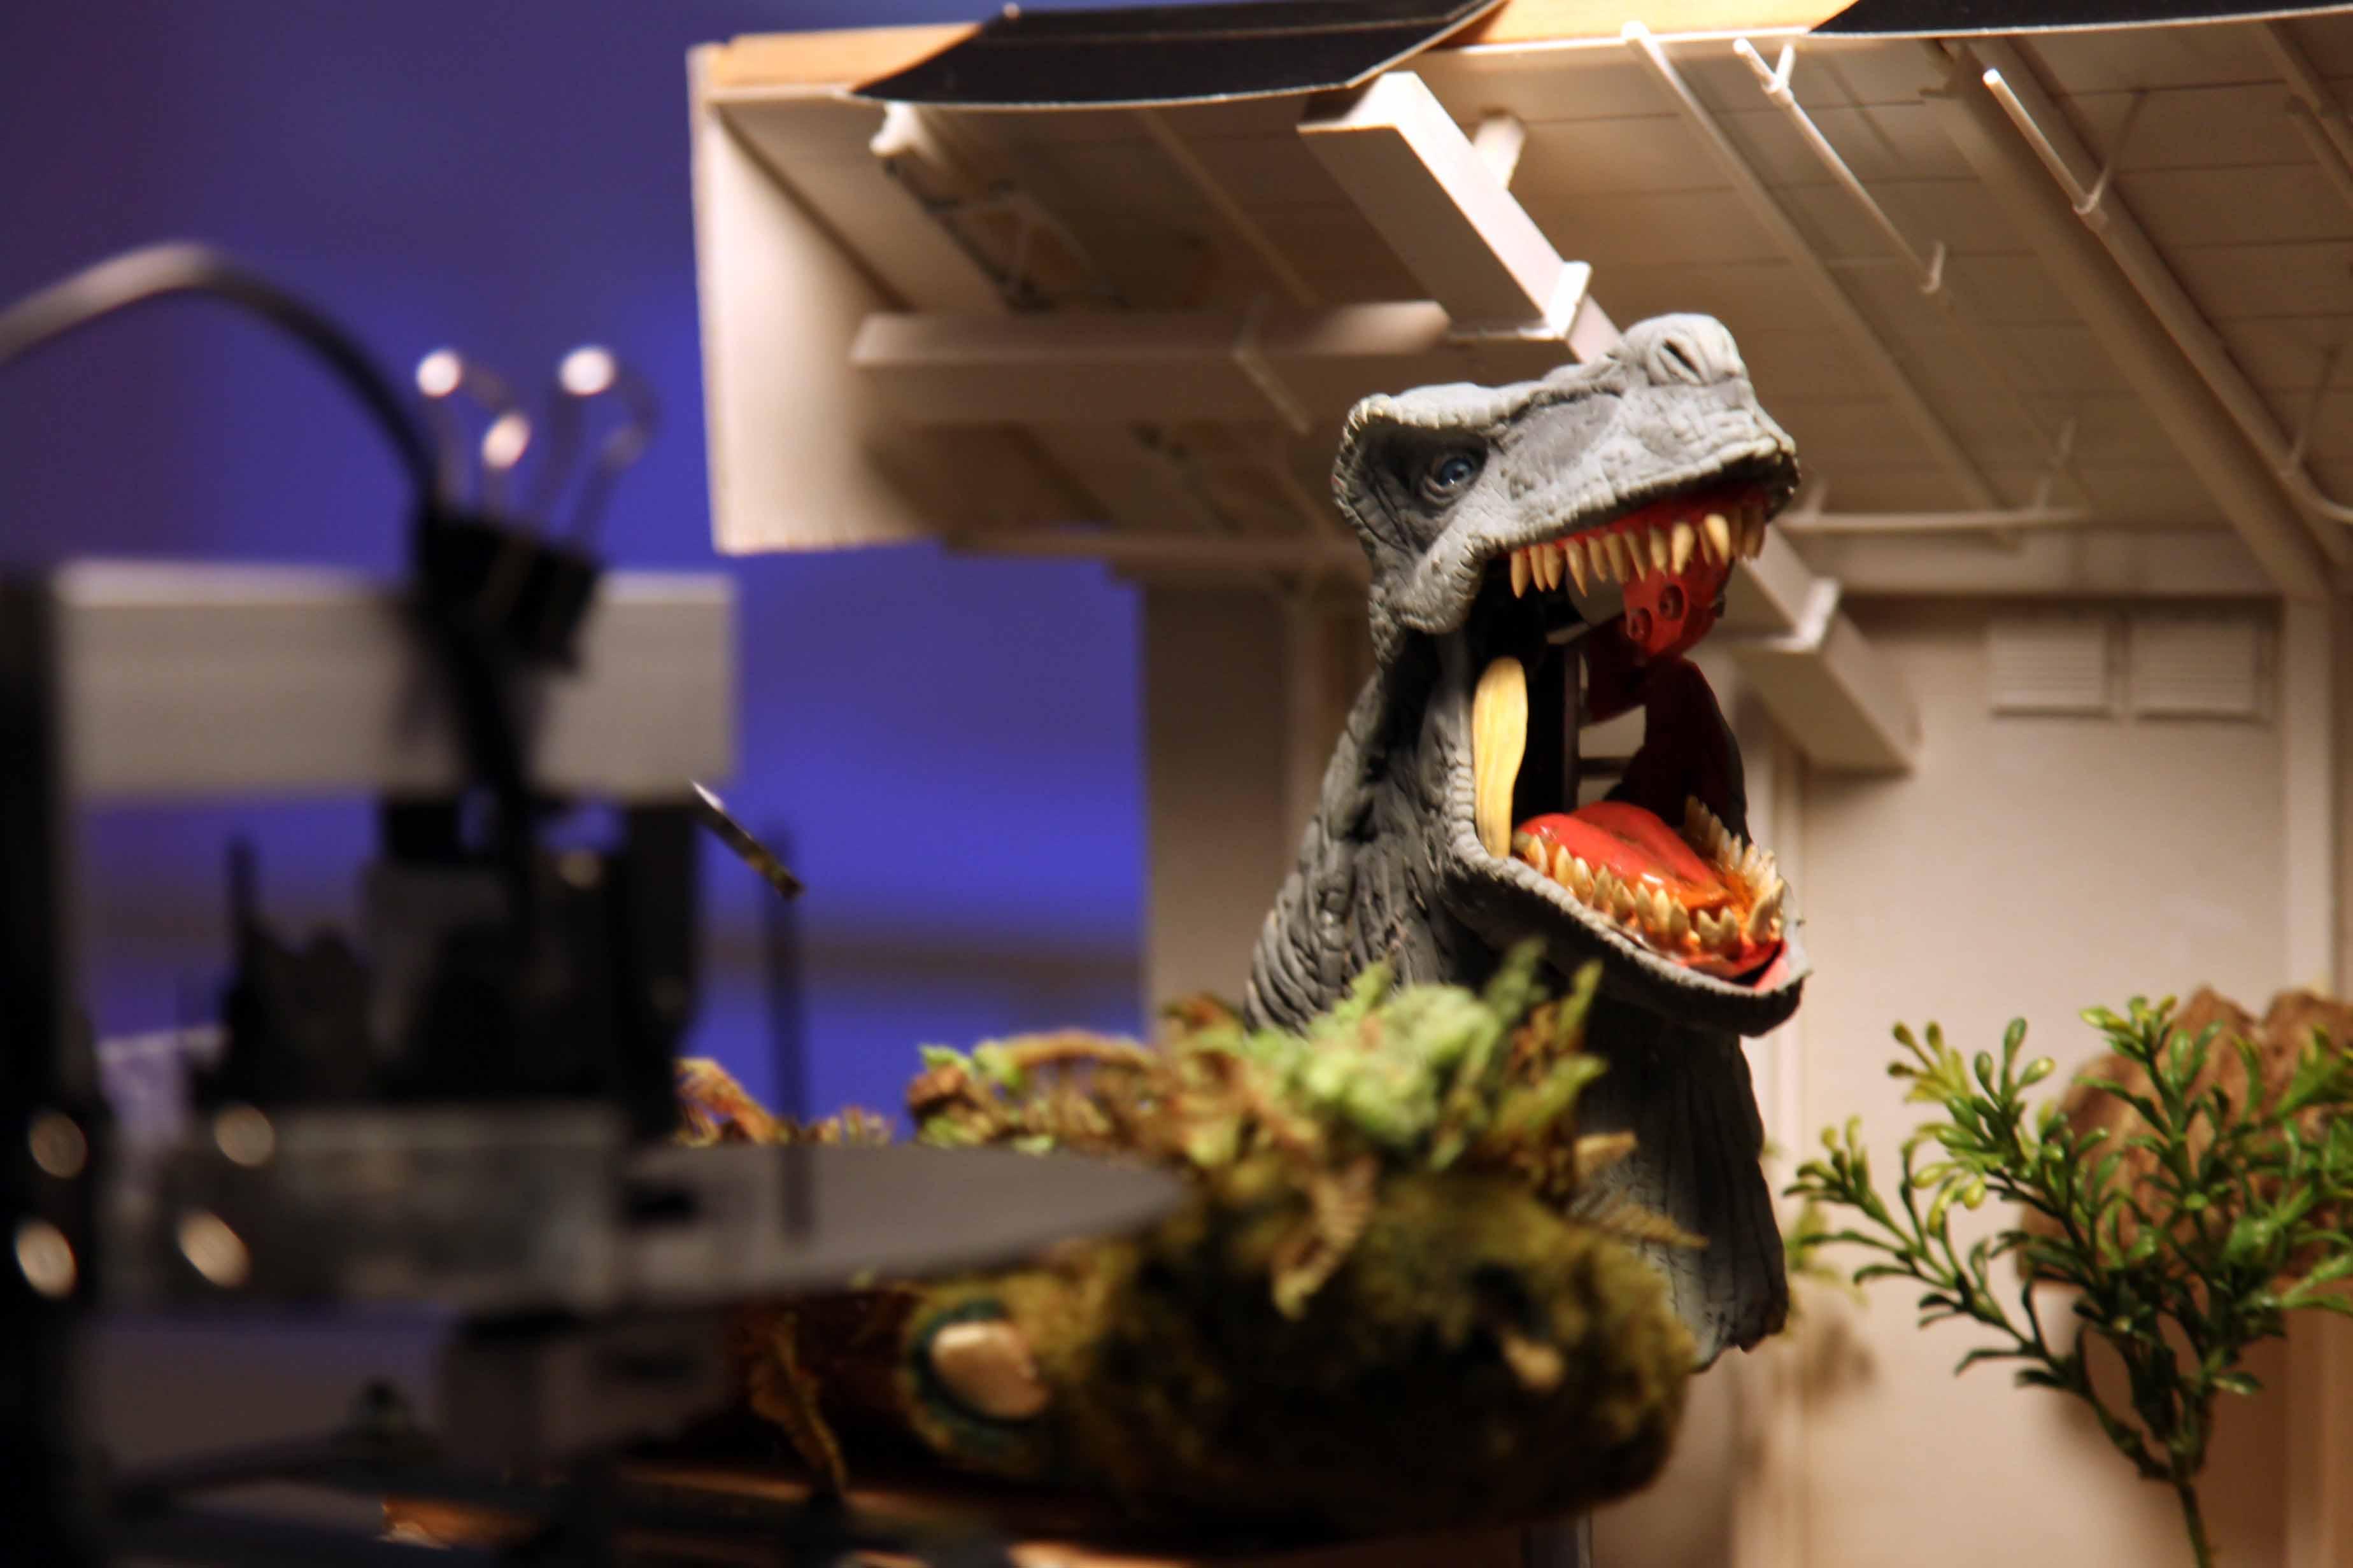 <i>Dinosaur's Rule</i> by Ryusuke Ito